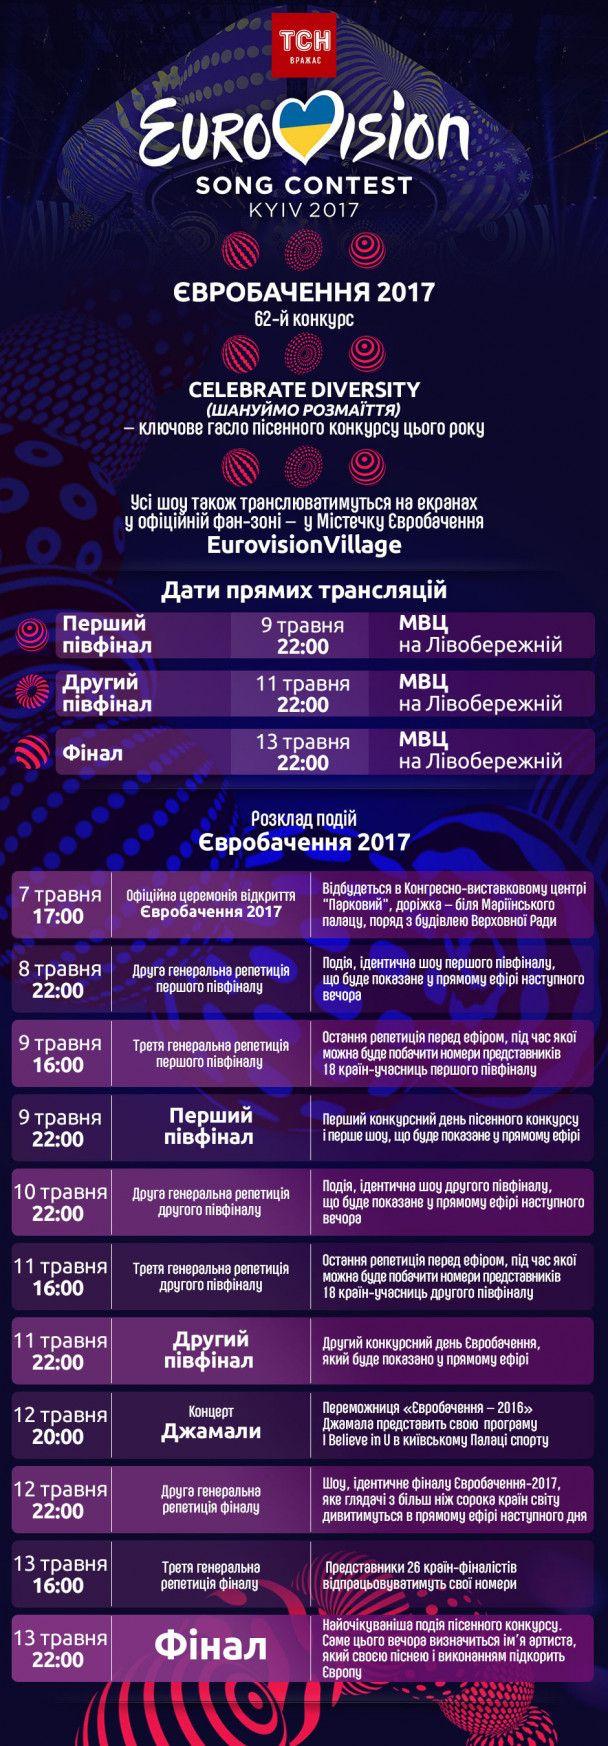 """MONATIK """"кружит"""": появились фото генеральной репетиции полуфинала """"Евровидения"""""""